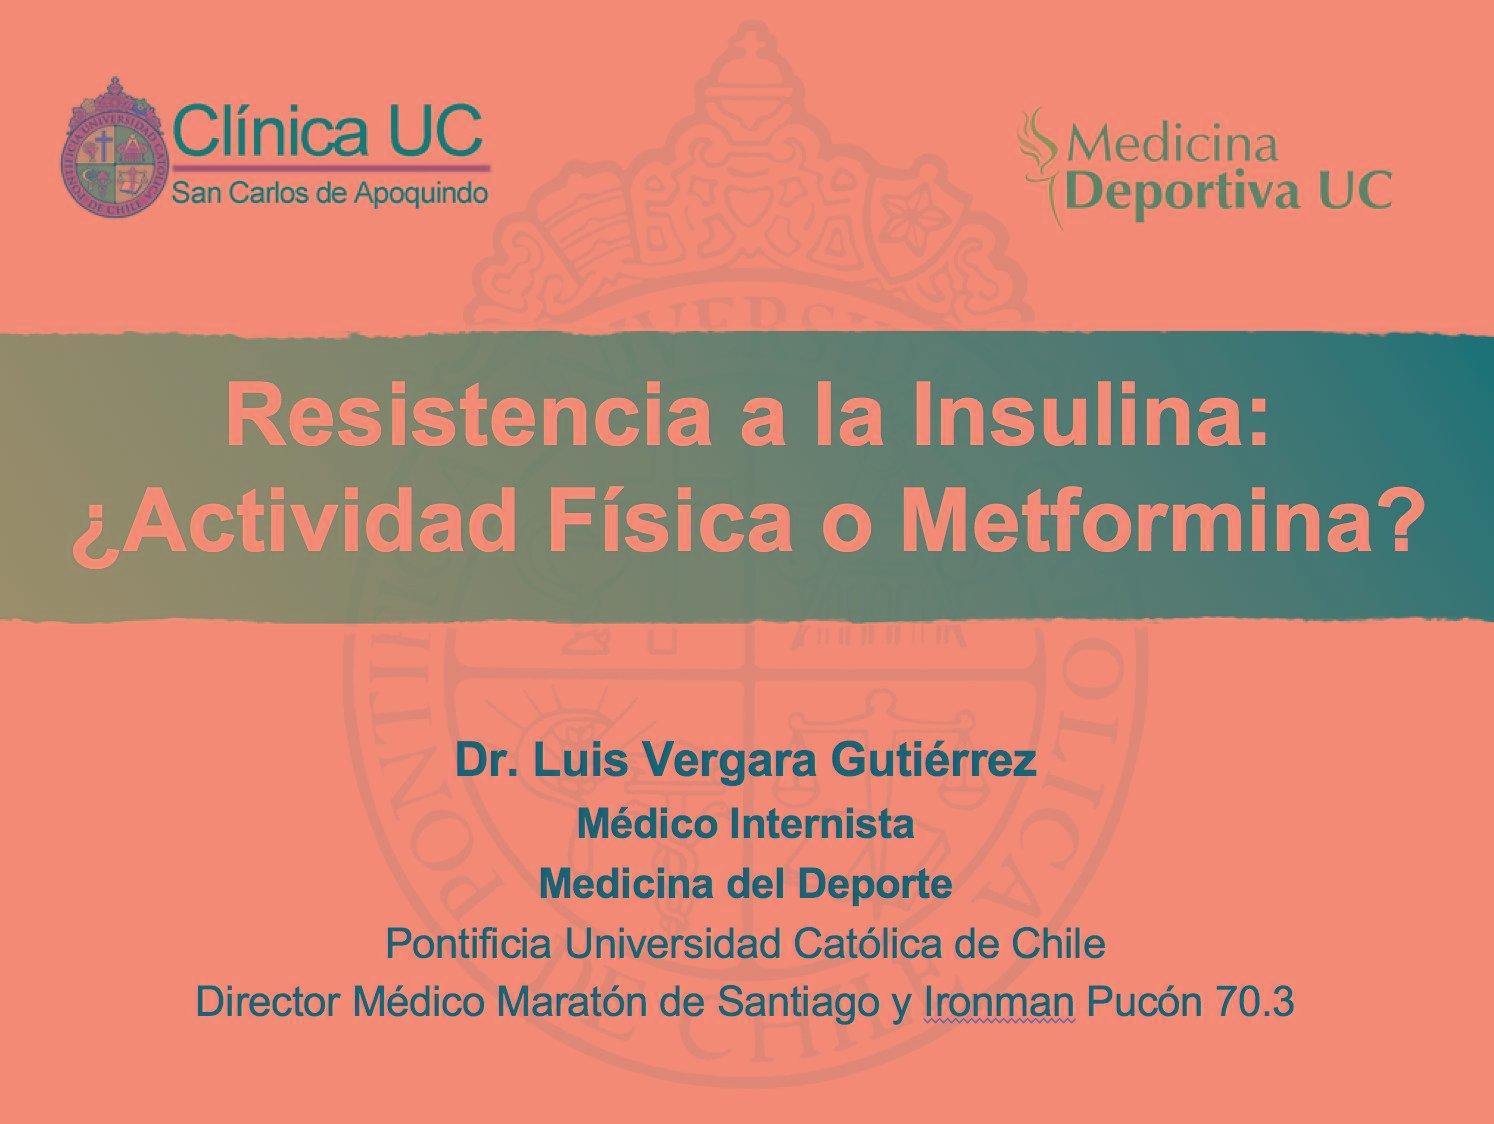 La Metformina Atenuara Los Efectos Benficos Del Ejercicio En Pacientes Con Resistencia A La Insulina